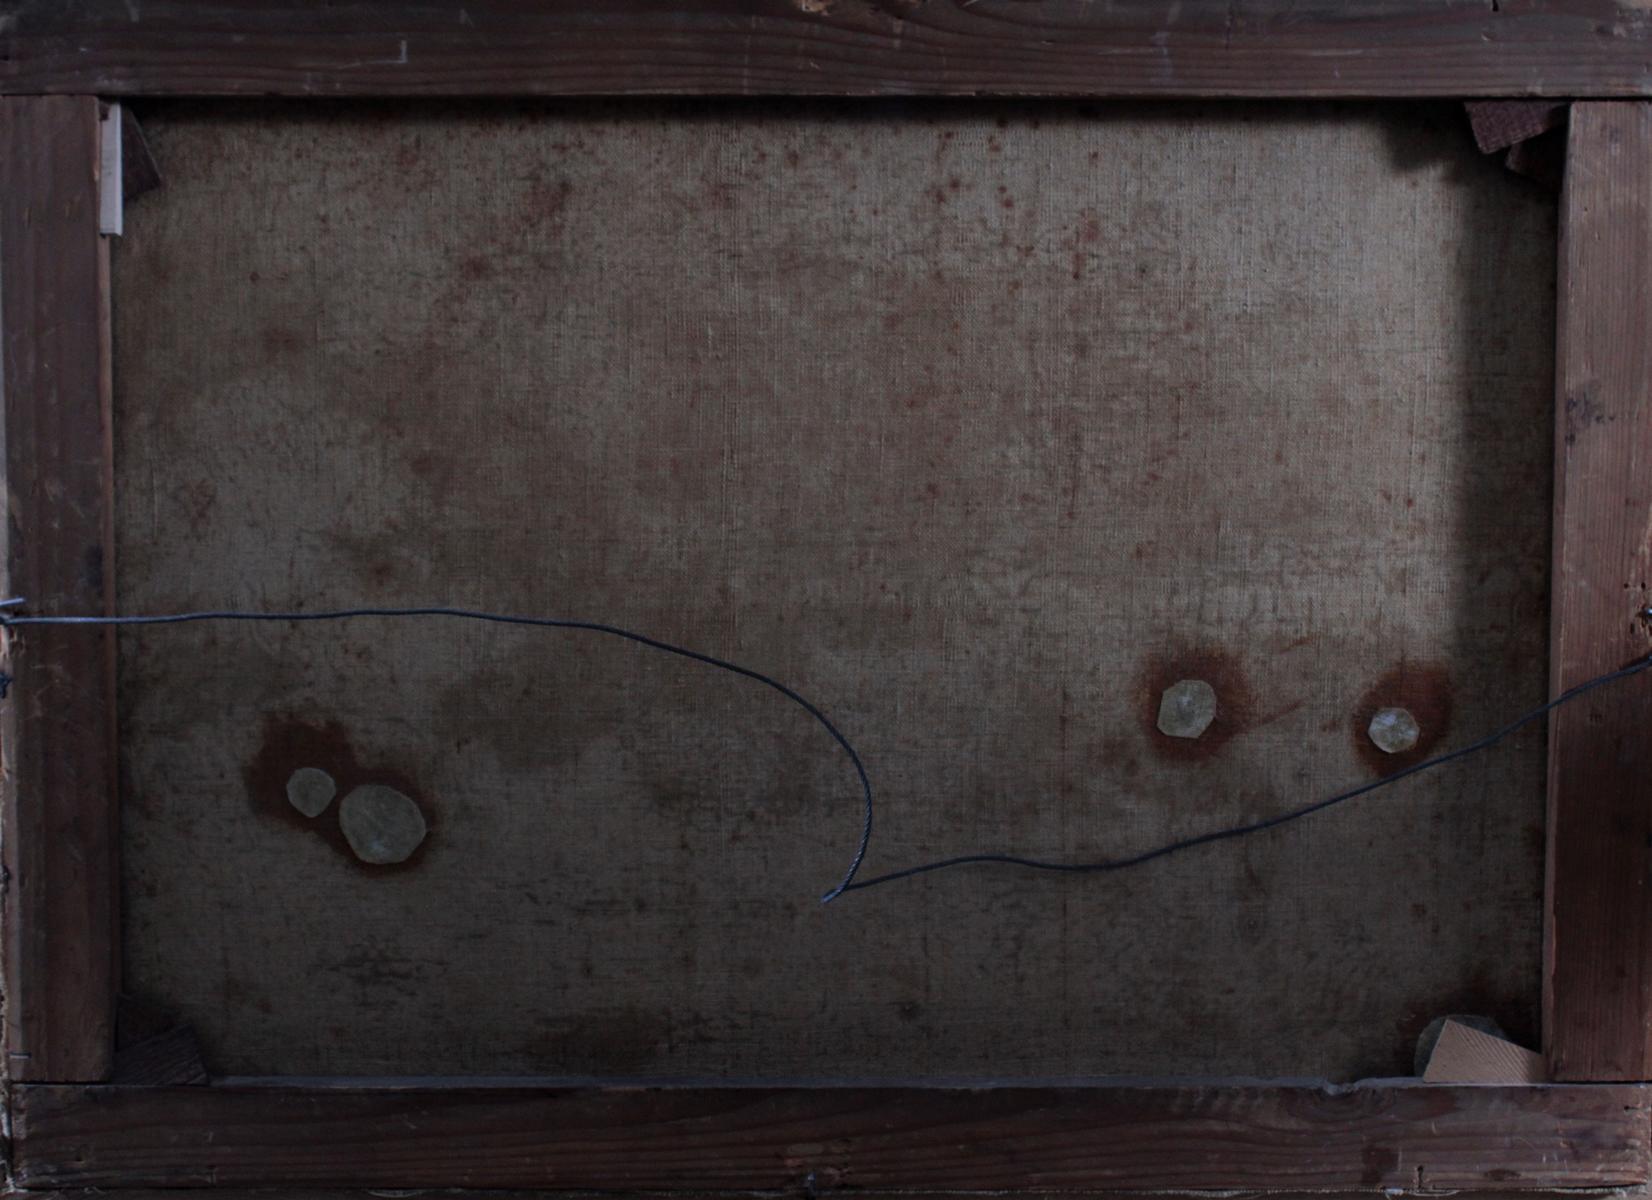 Ölgemälde 19. Jahrhundert-4